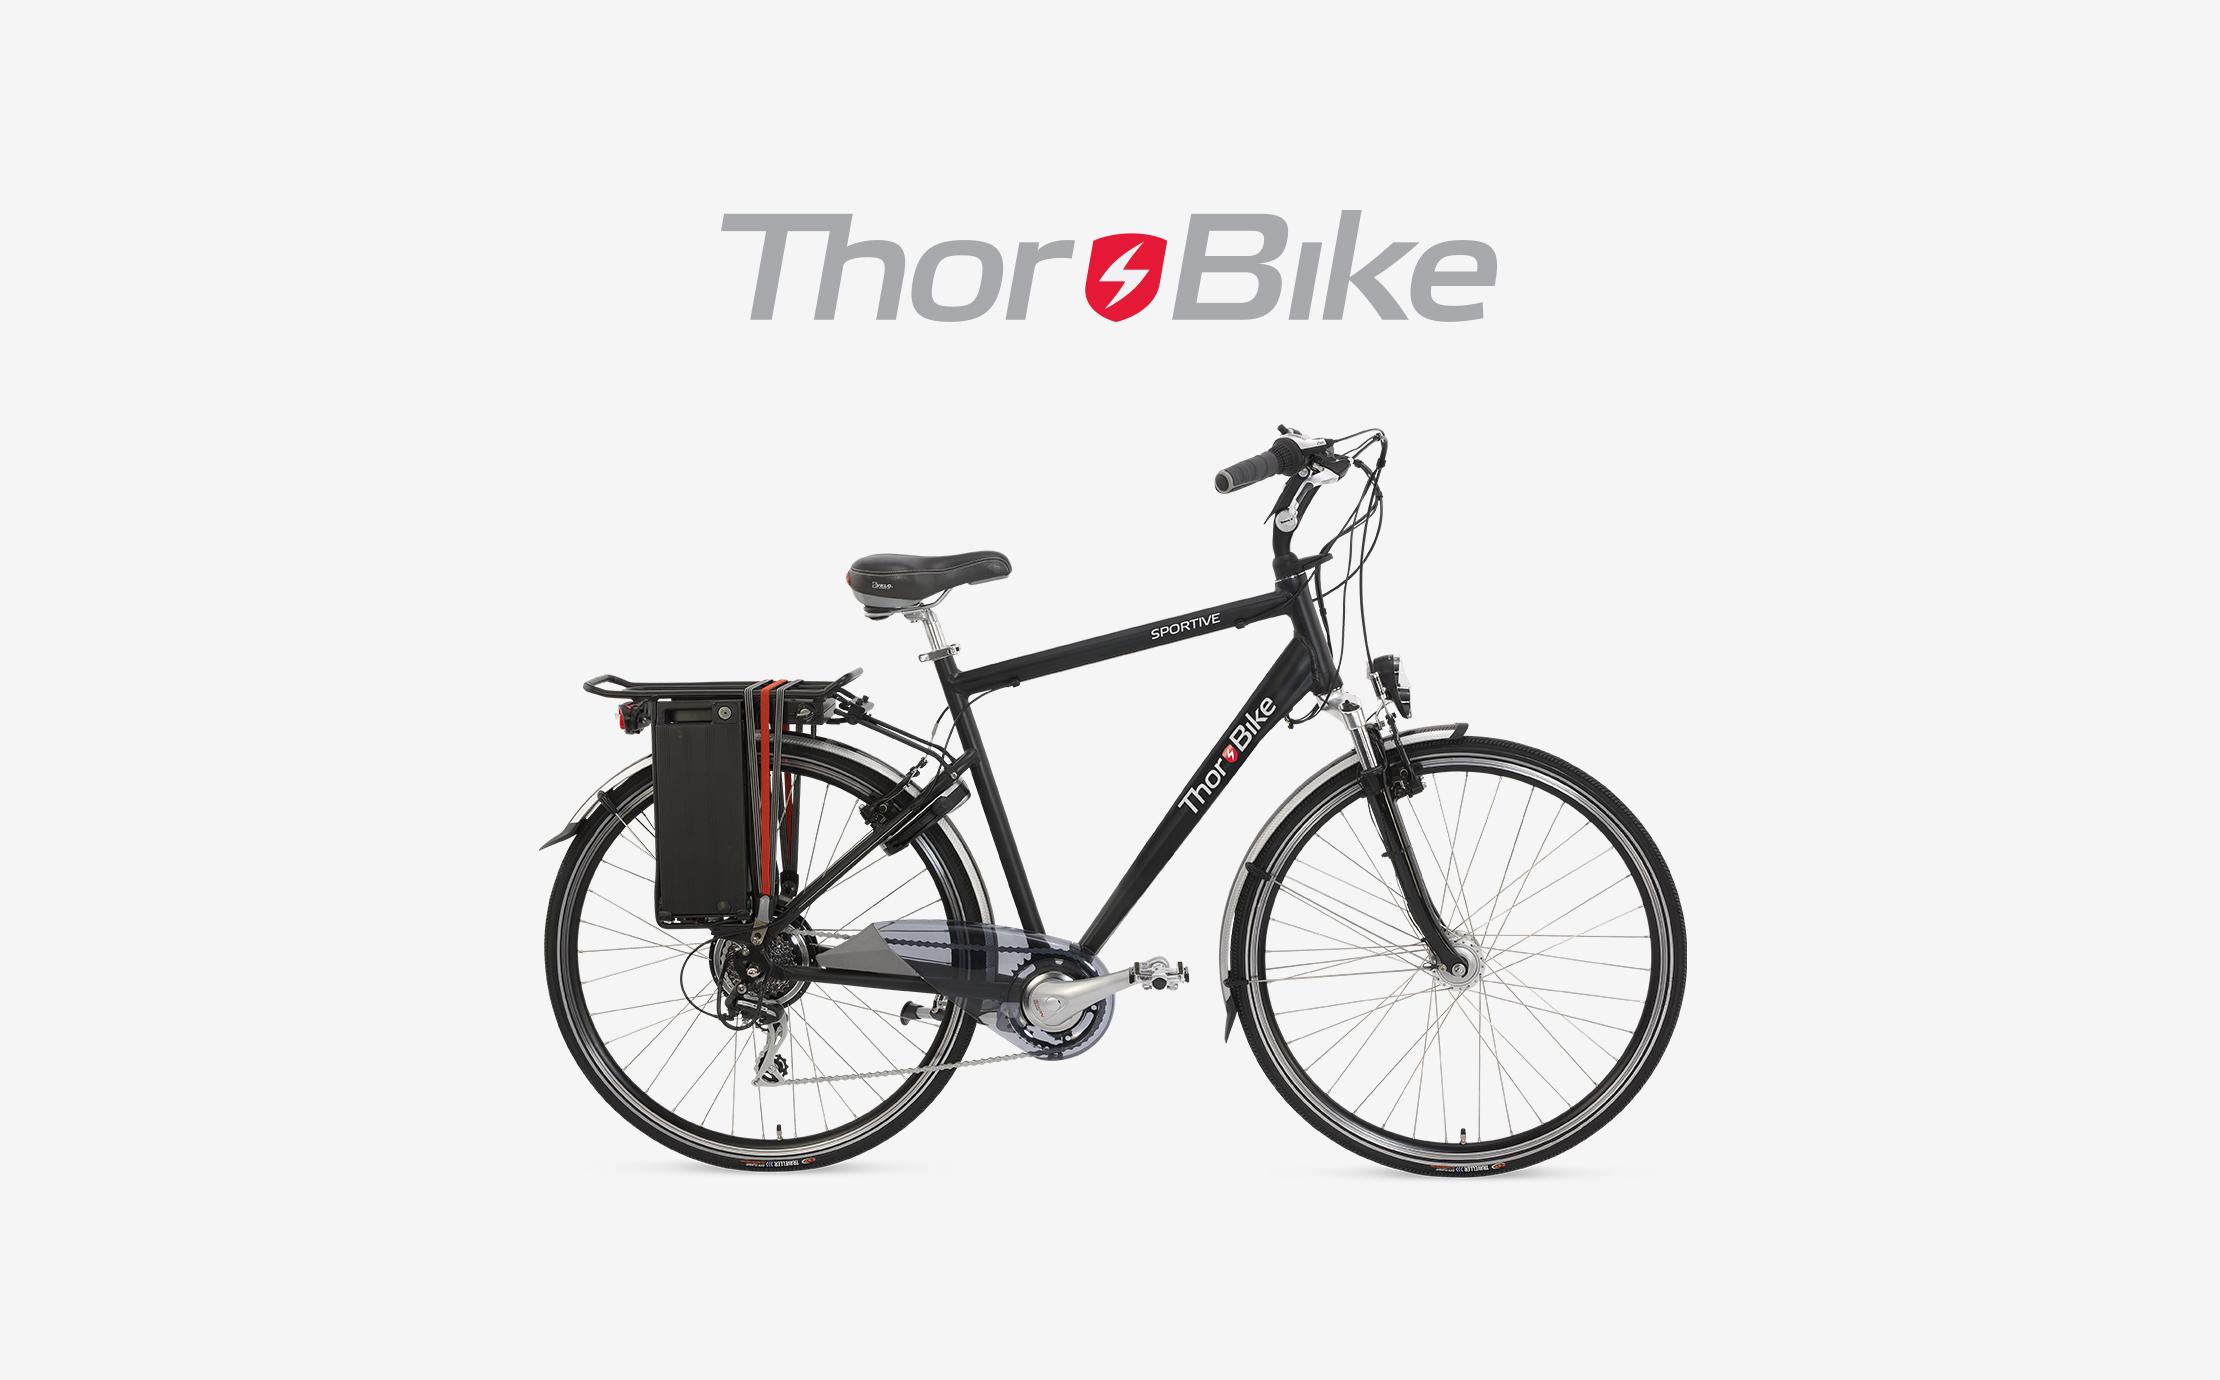 Thorbike